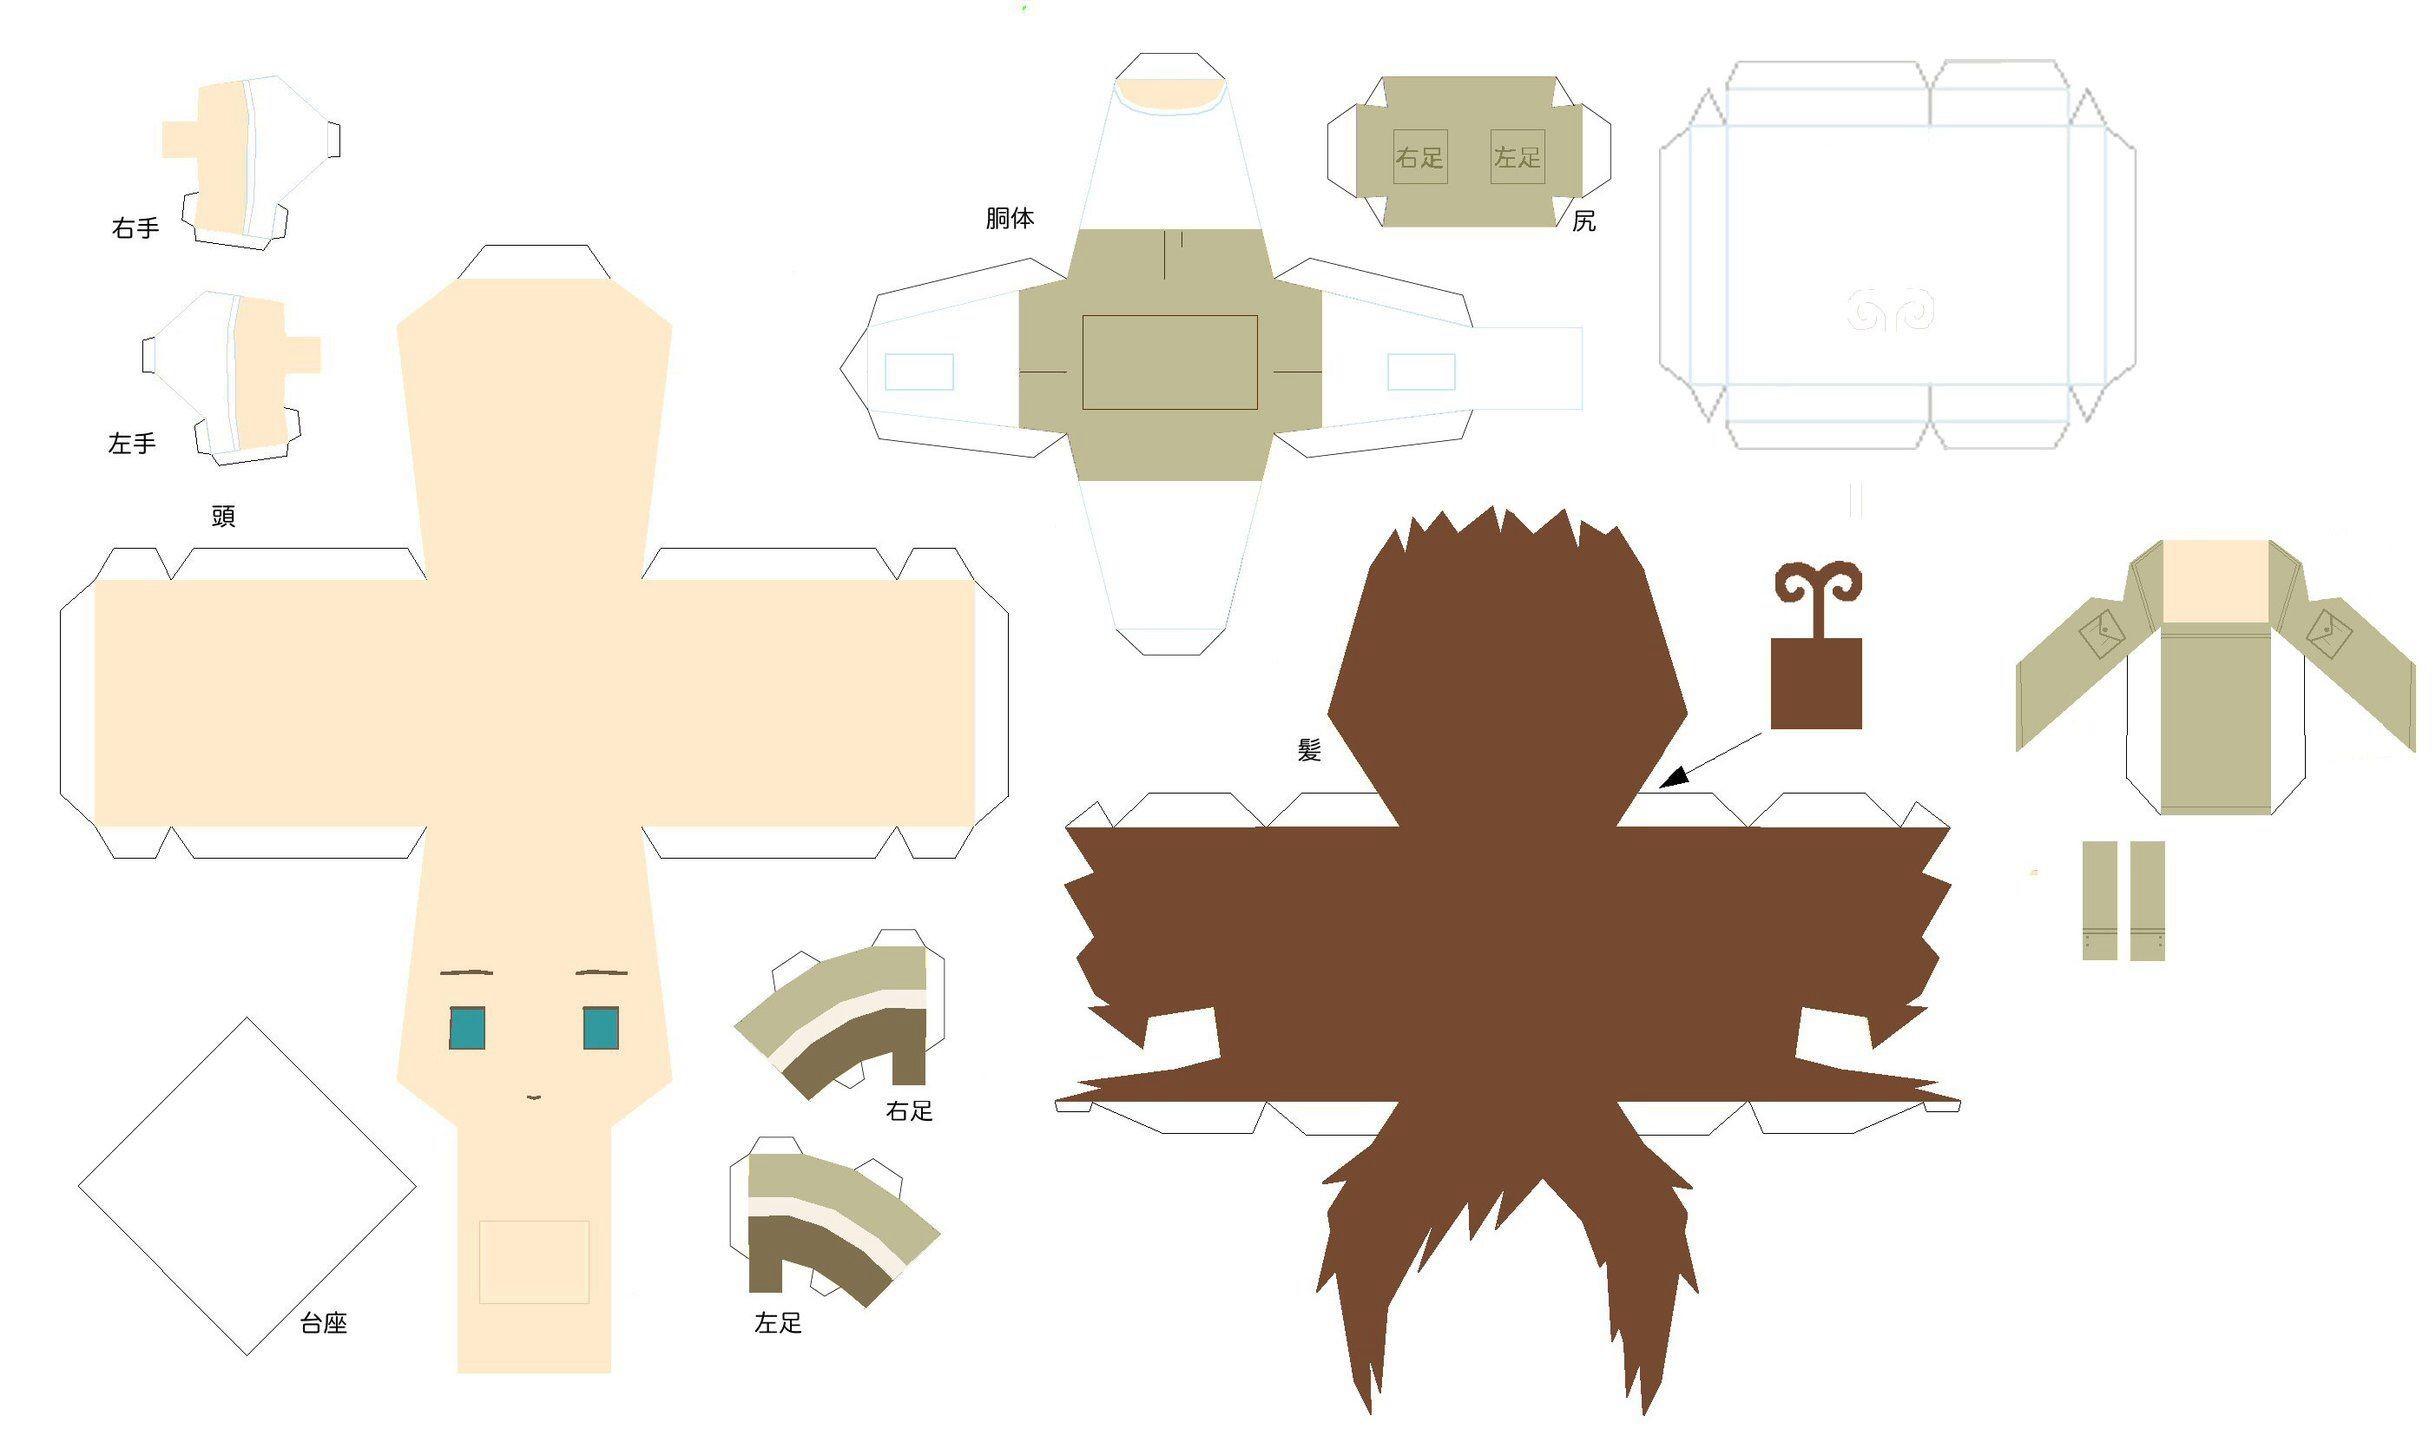 Papercraft Dice 圖片來源: